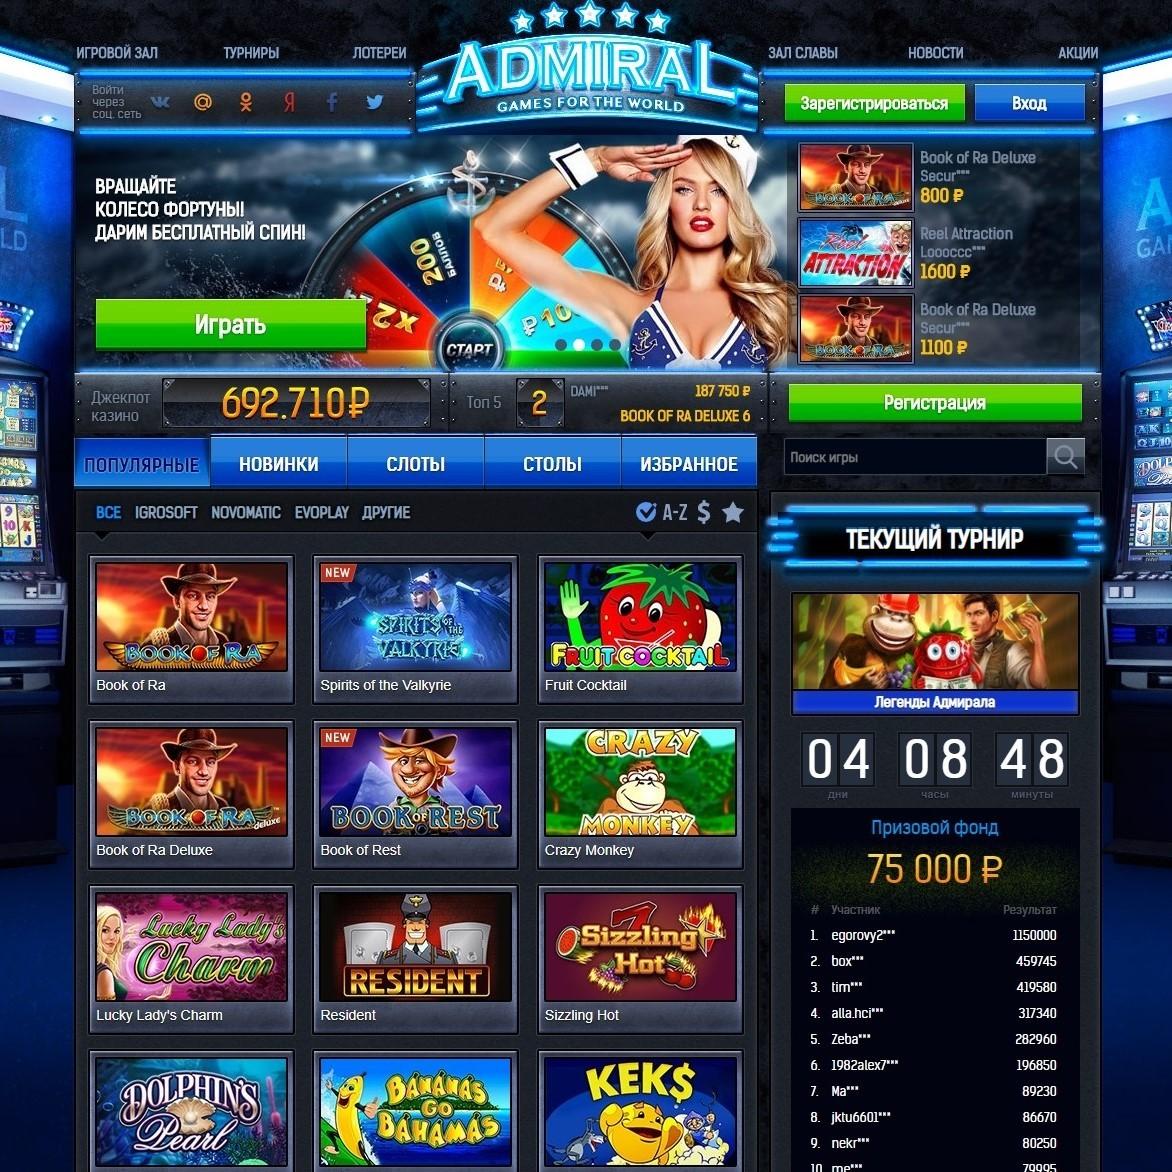 лучшие бесплатные игровые автоматы онлайн флеш без регистрации